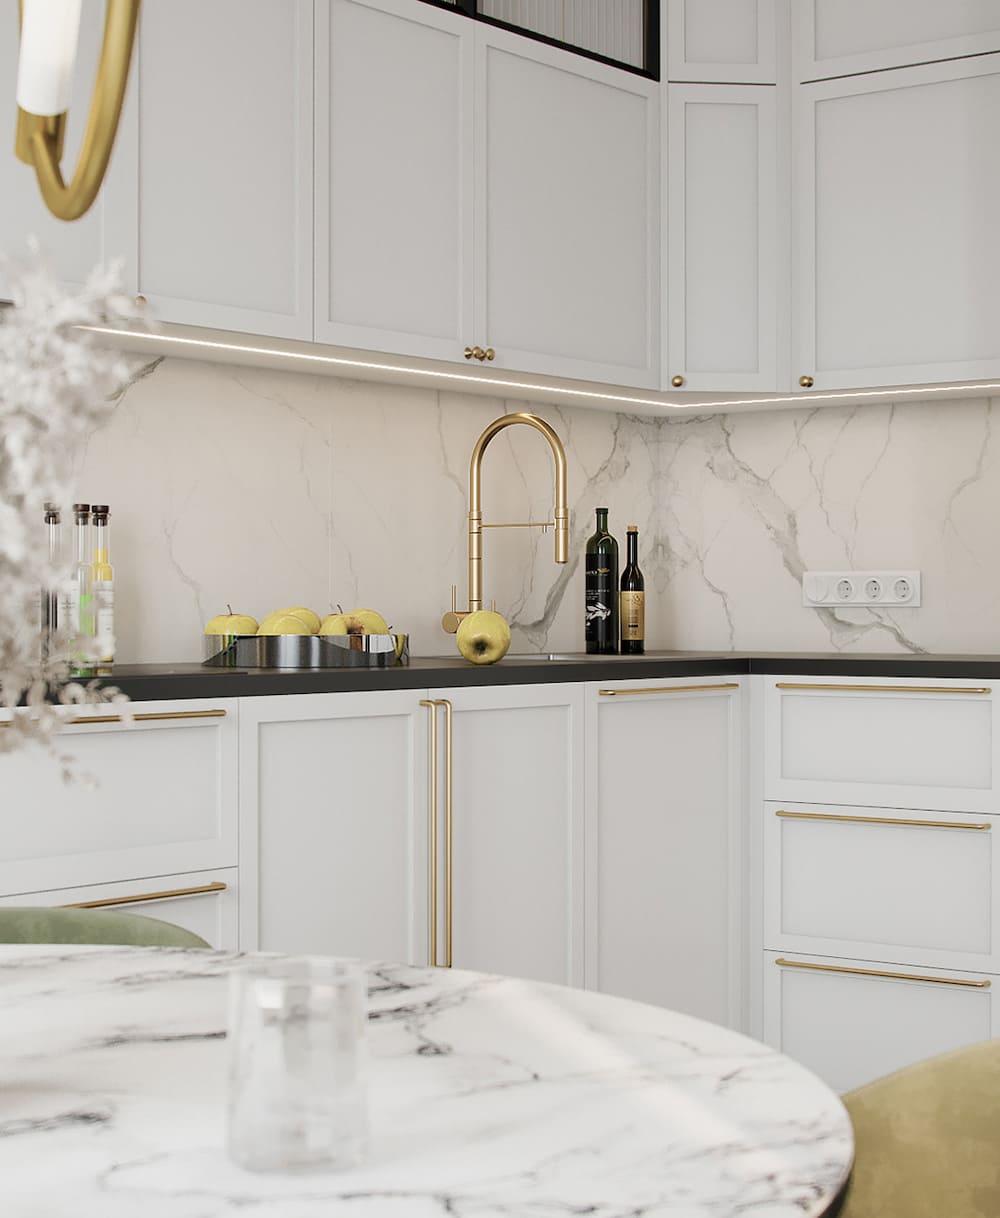 дизайн кухни в современном стиле фото 72